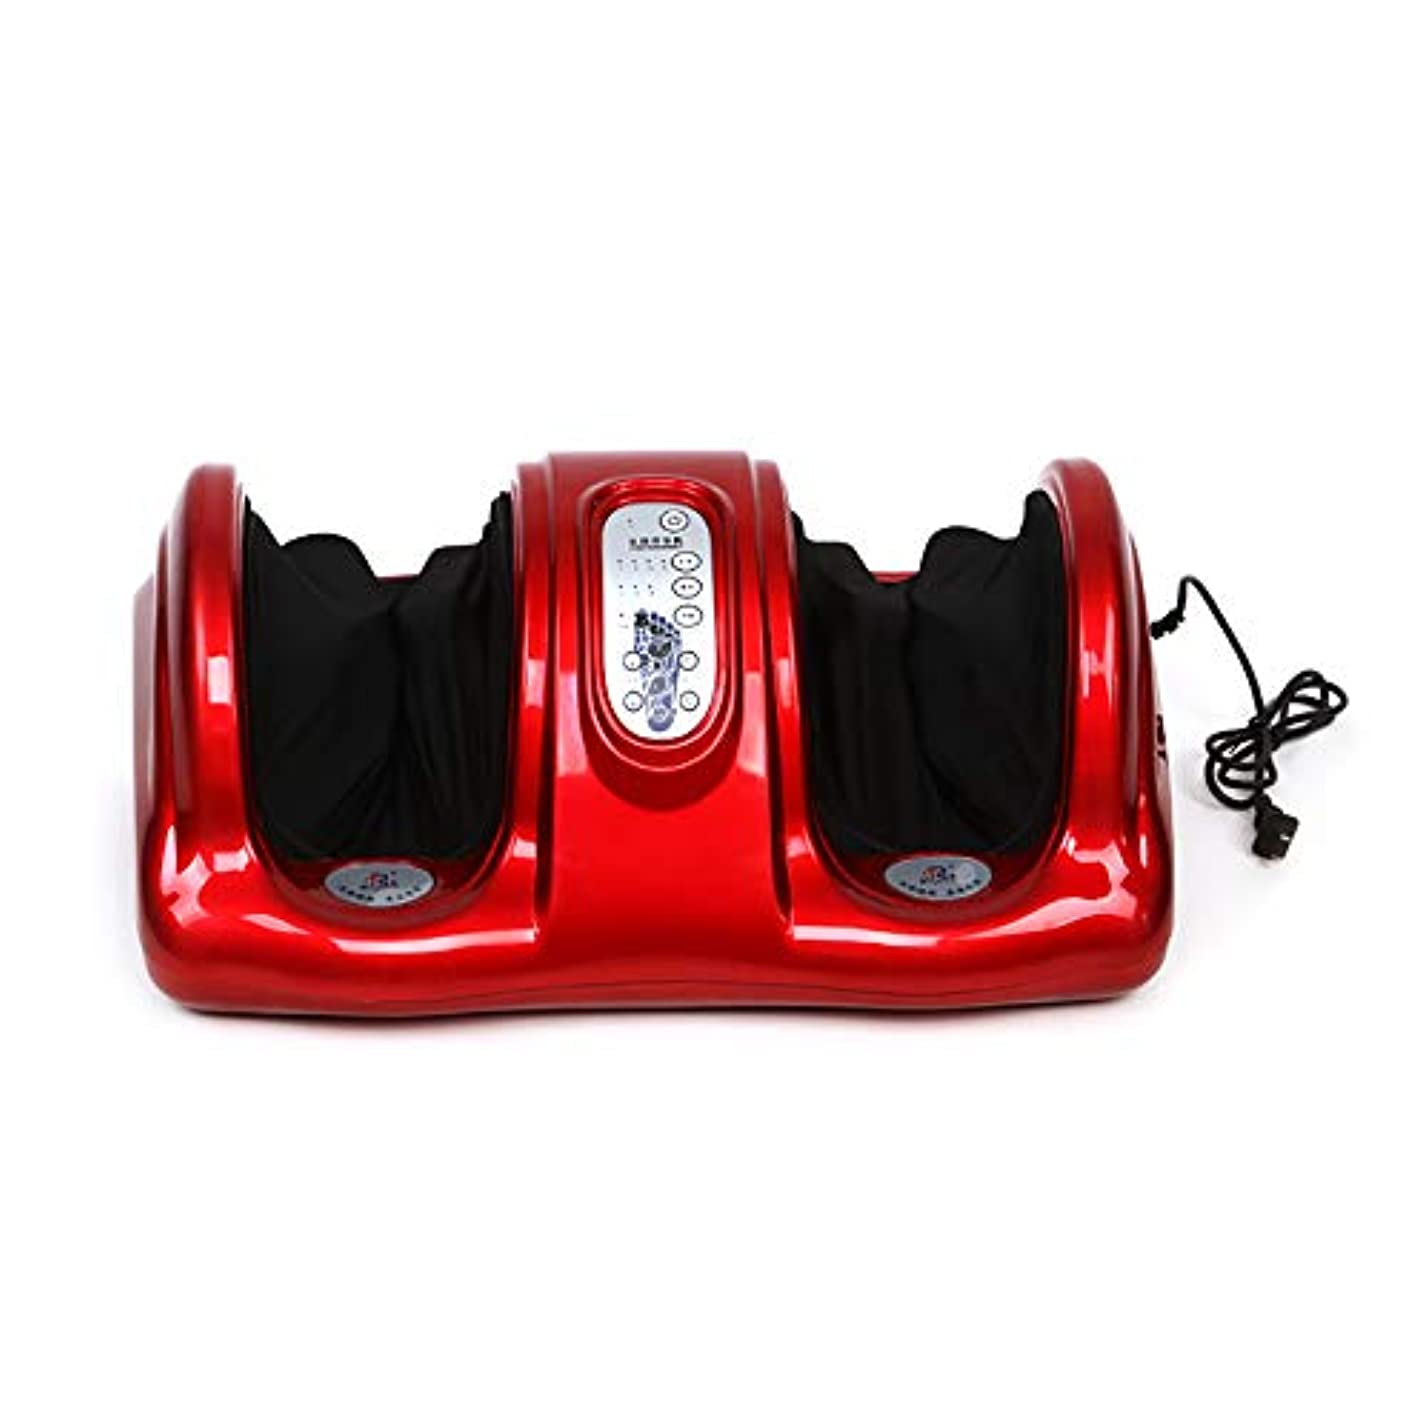 習字適応的シェードフットマッサージャー2つのモードの合計7つの速度調整可能な足の足のマッサージャー家族健康ギフト